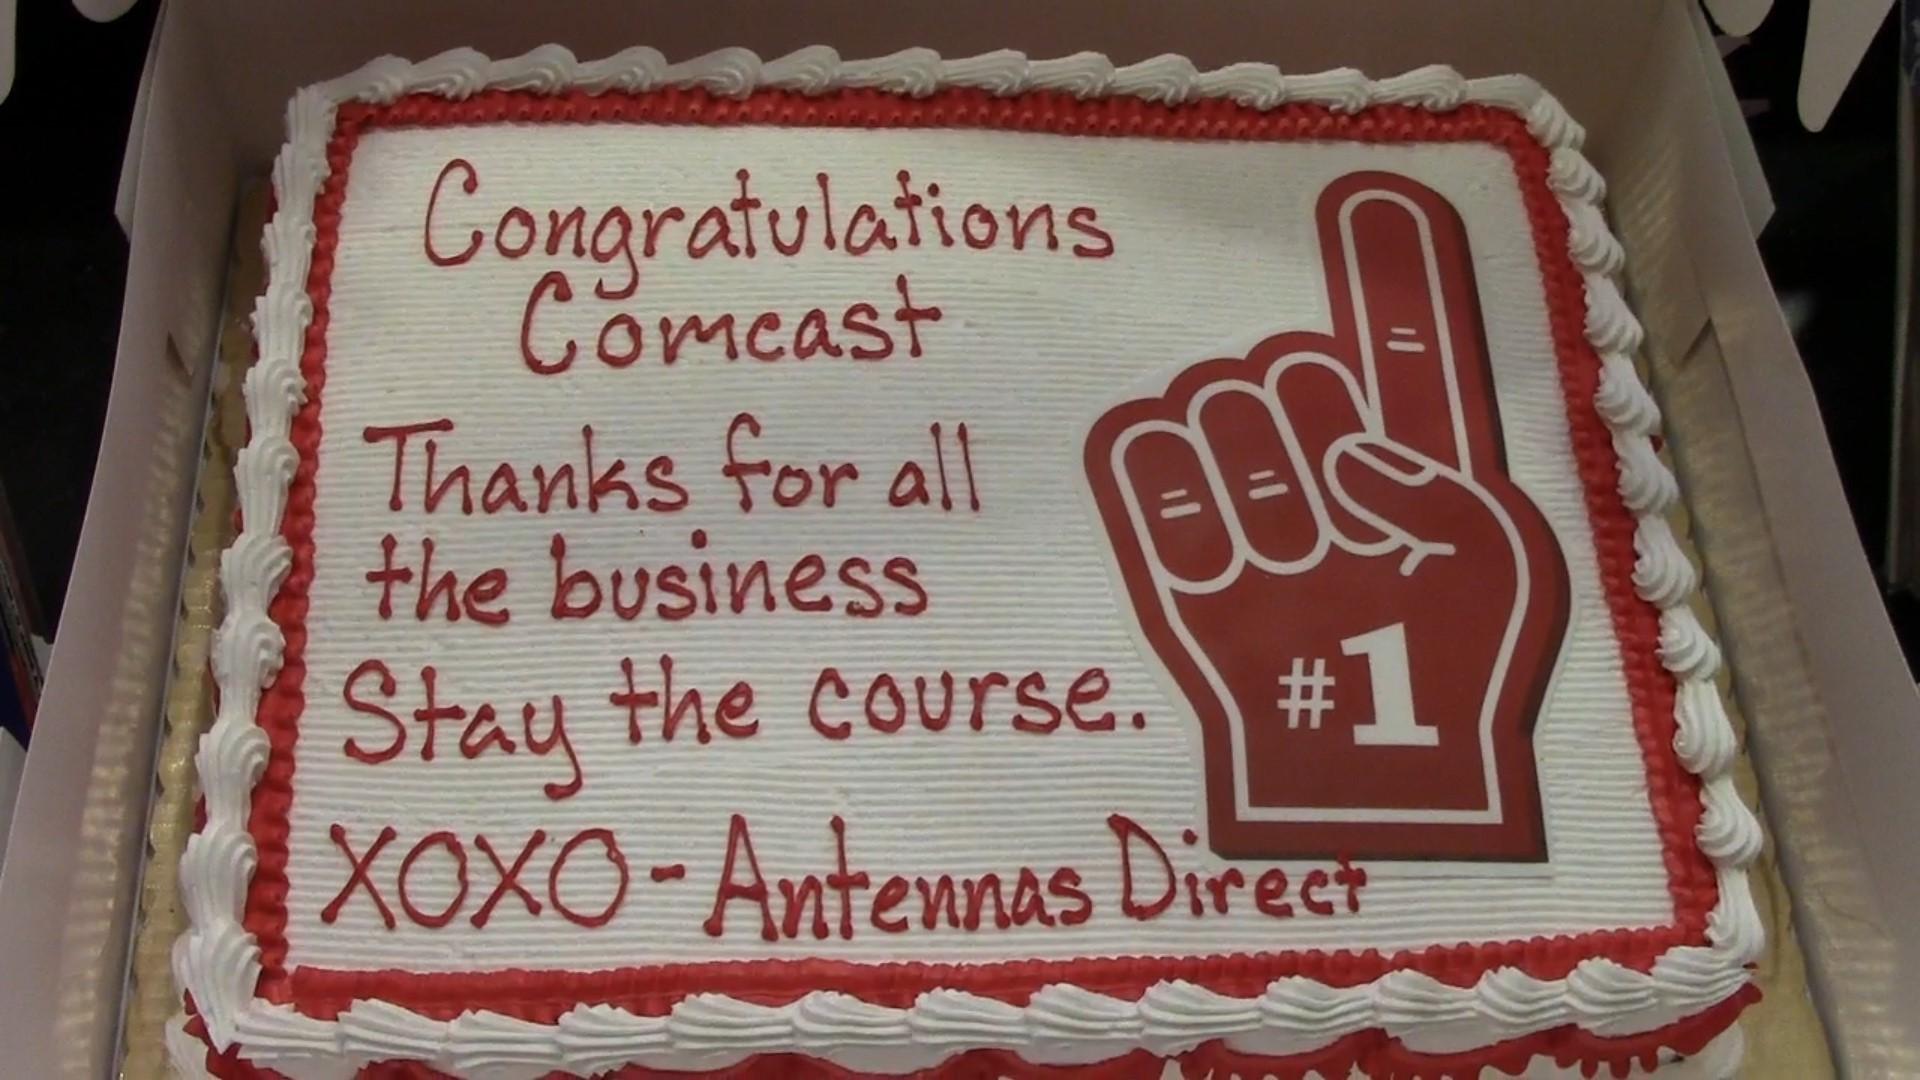 Antennas Direct Comcast